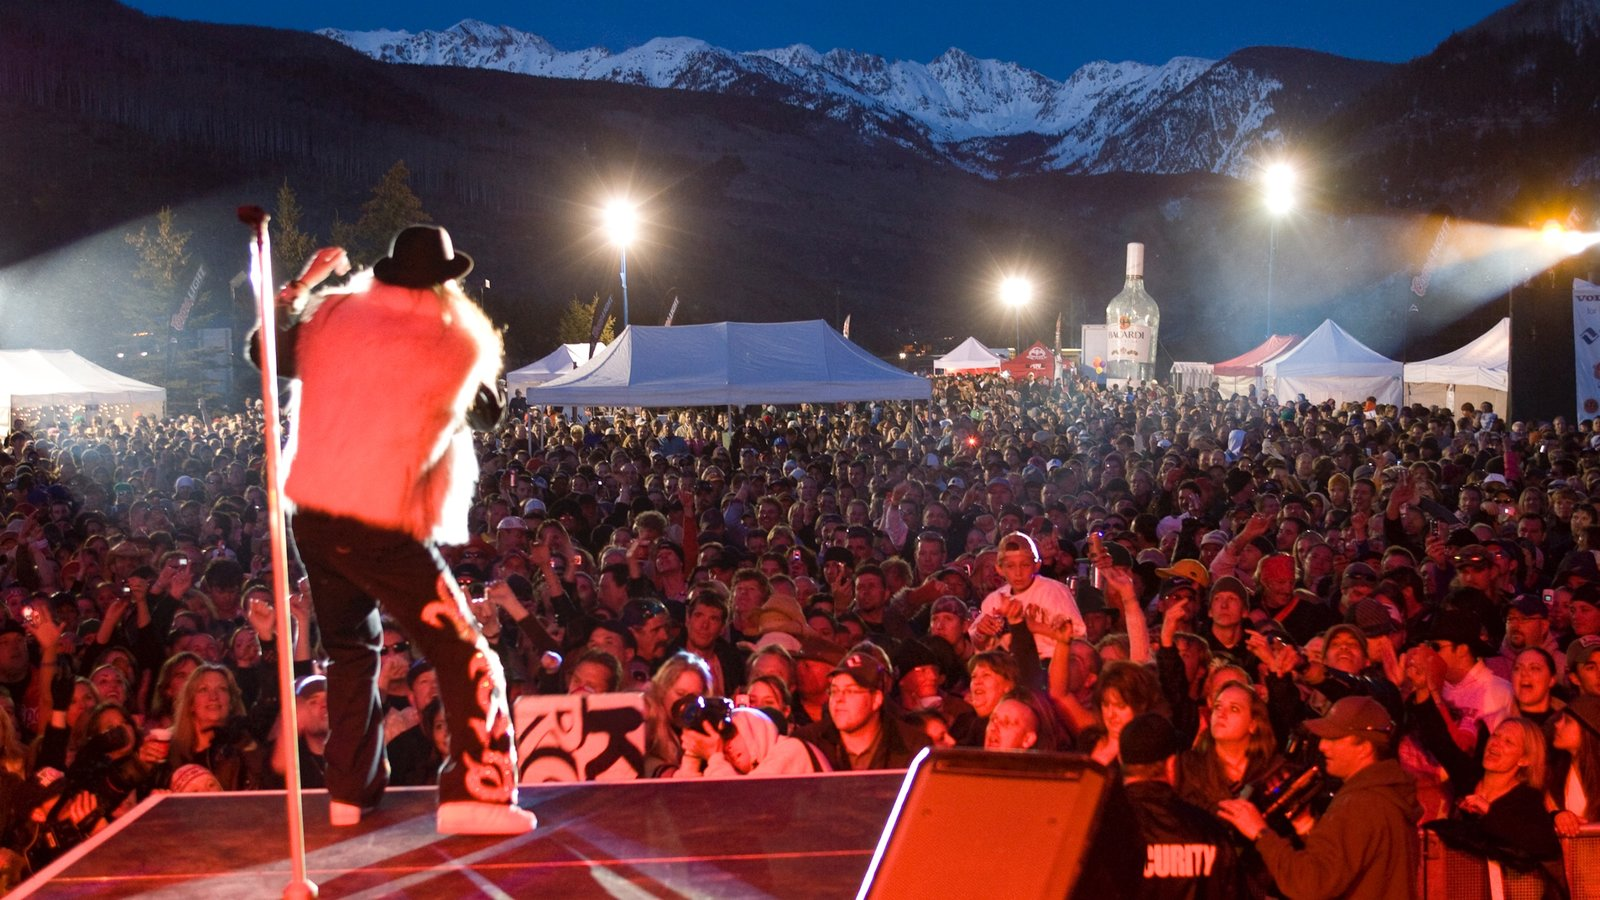 Vail - Beaver Creek mostrando vida noturna, arte performática e um festival